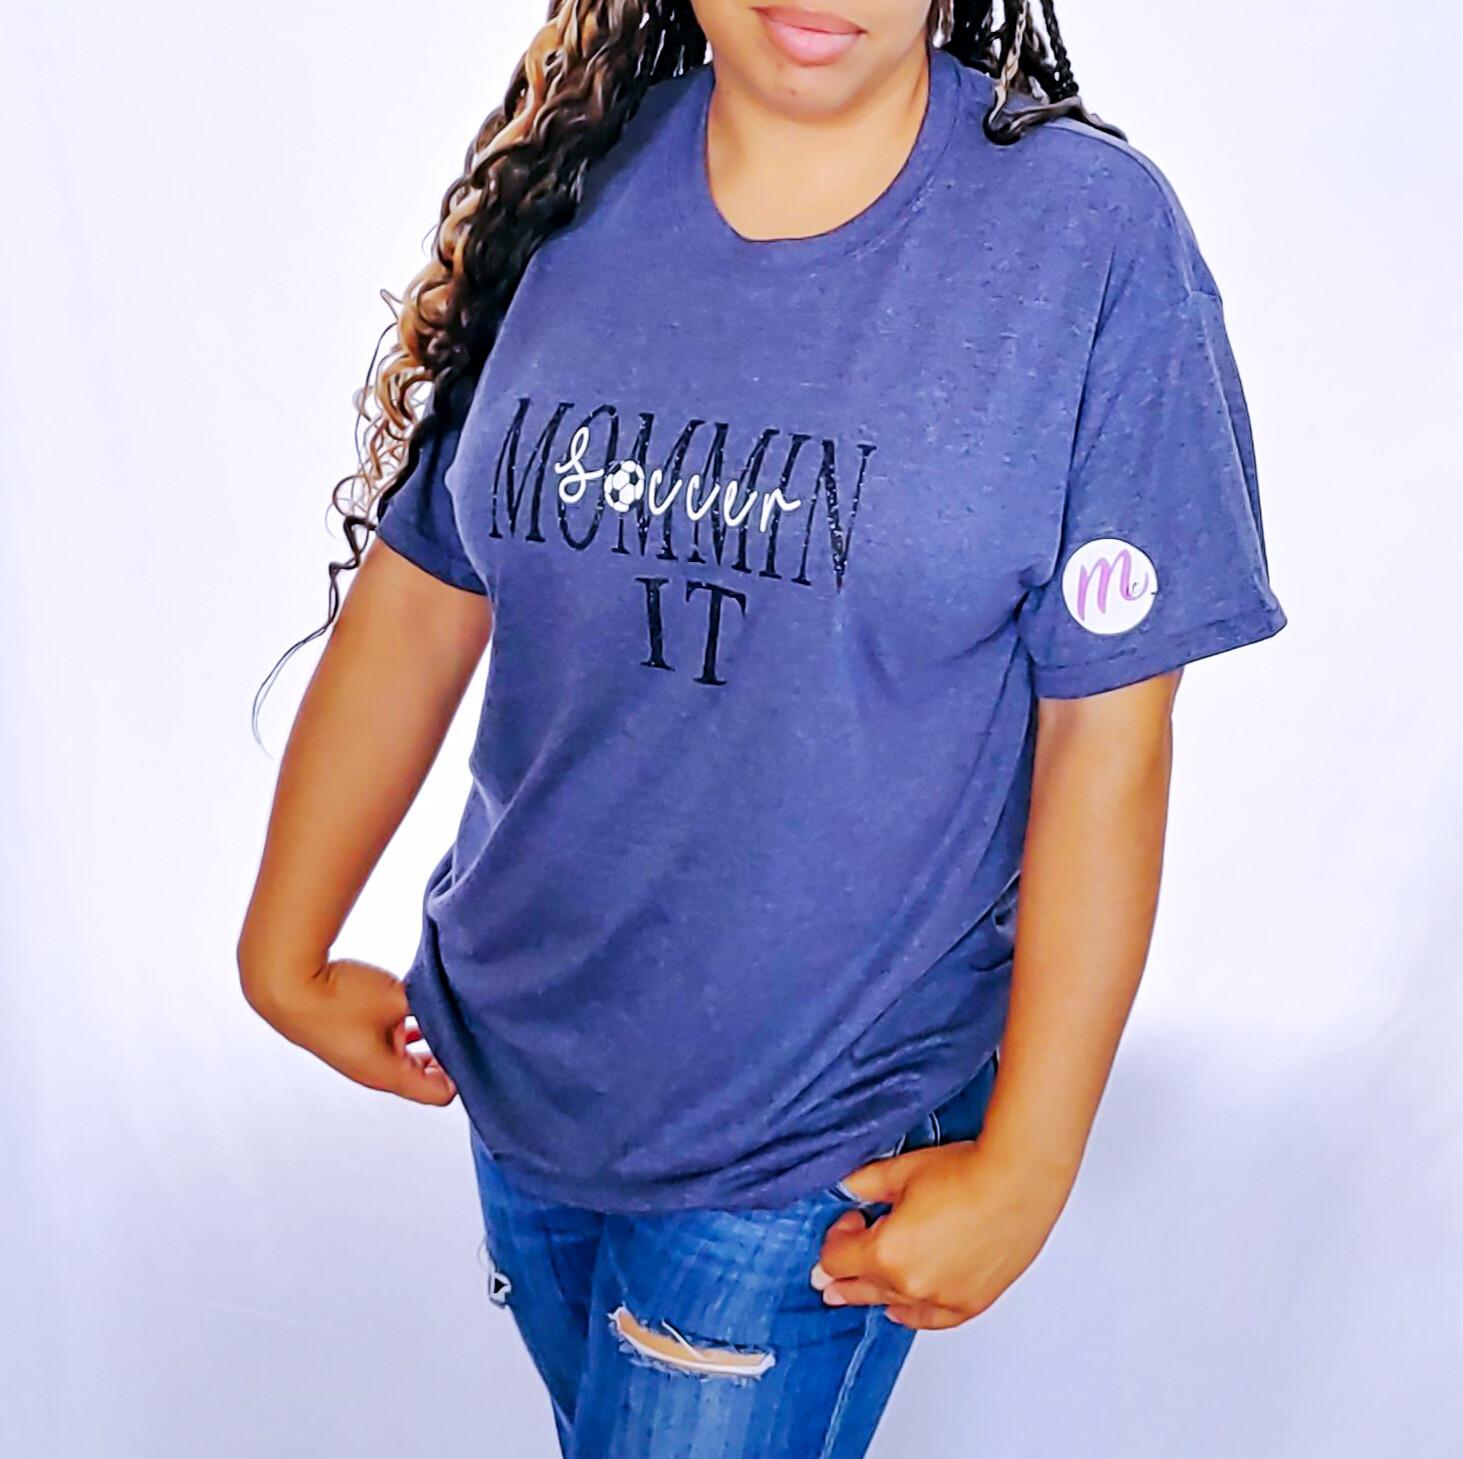 Soccer MomminIt t-shirt